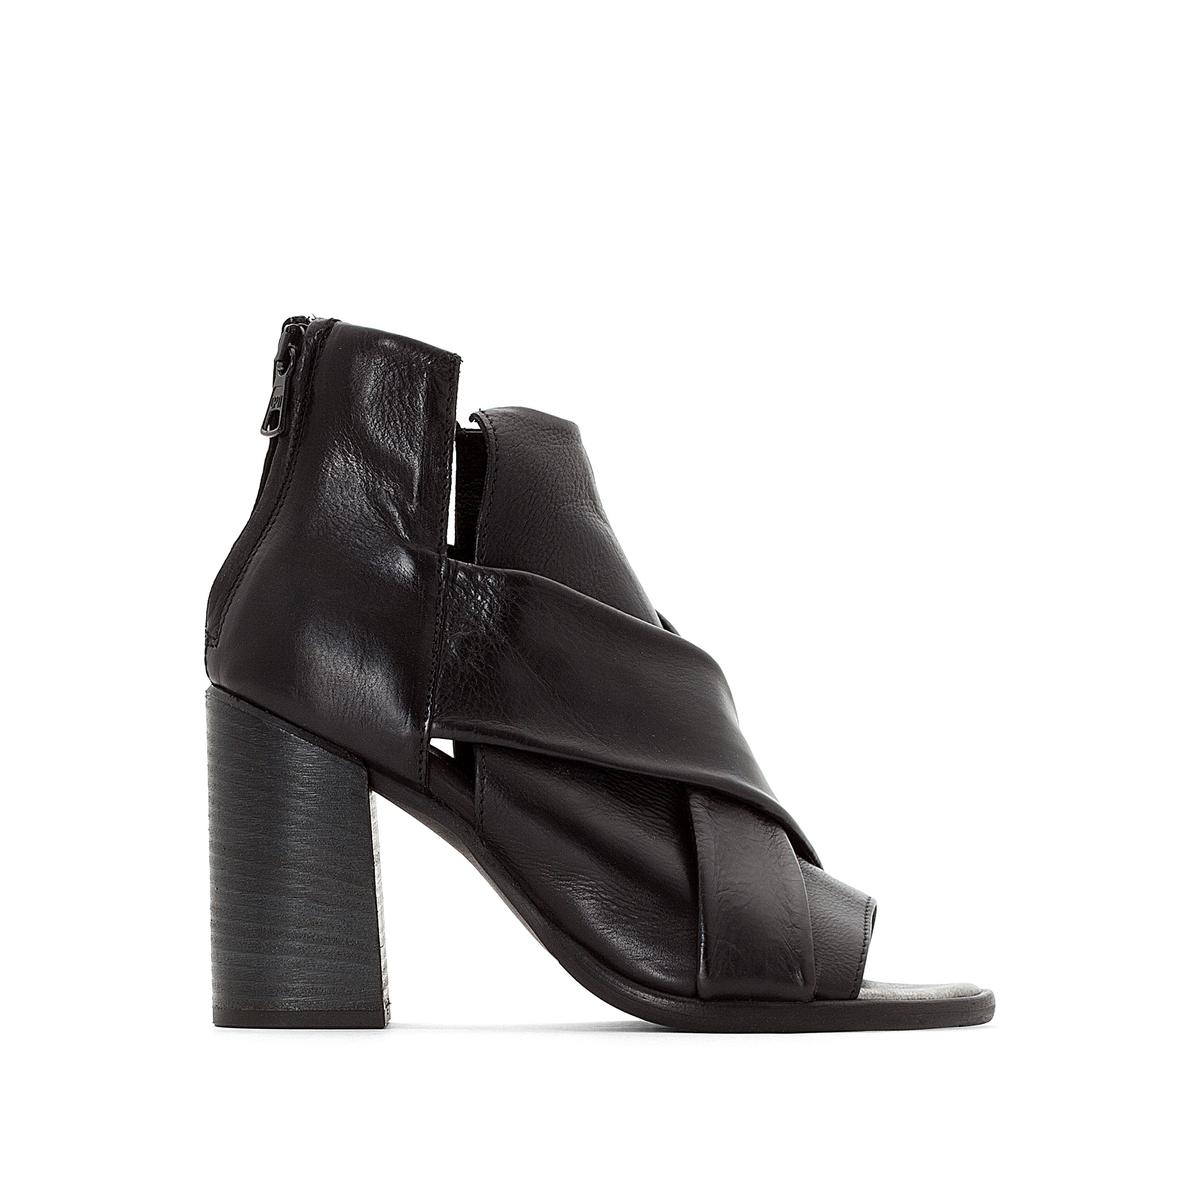 Сандалии кожаные с узором на квадратных каблуках, Santorini сандалии mjus 840010 101 6002 nero